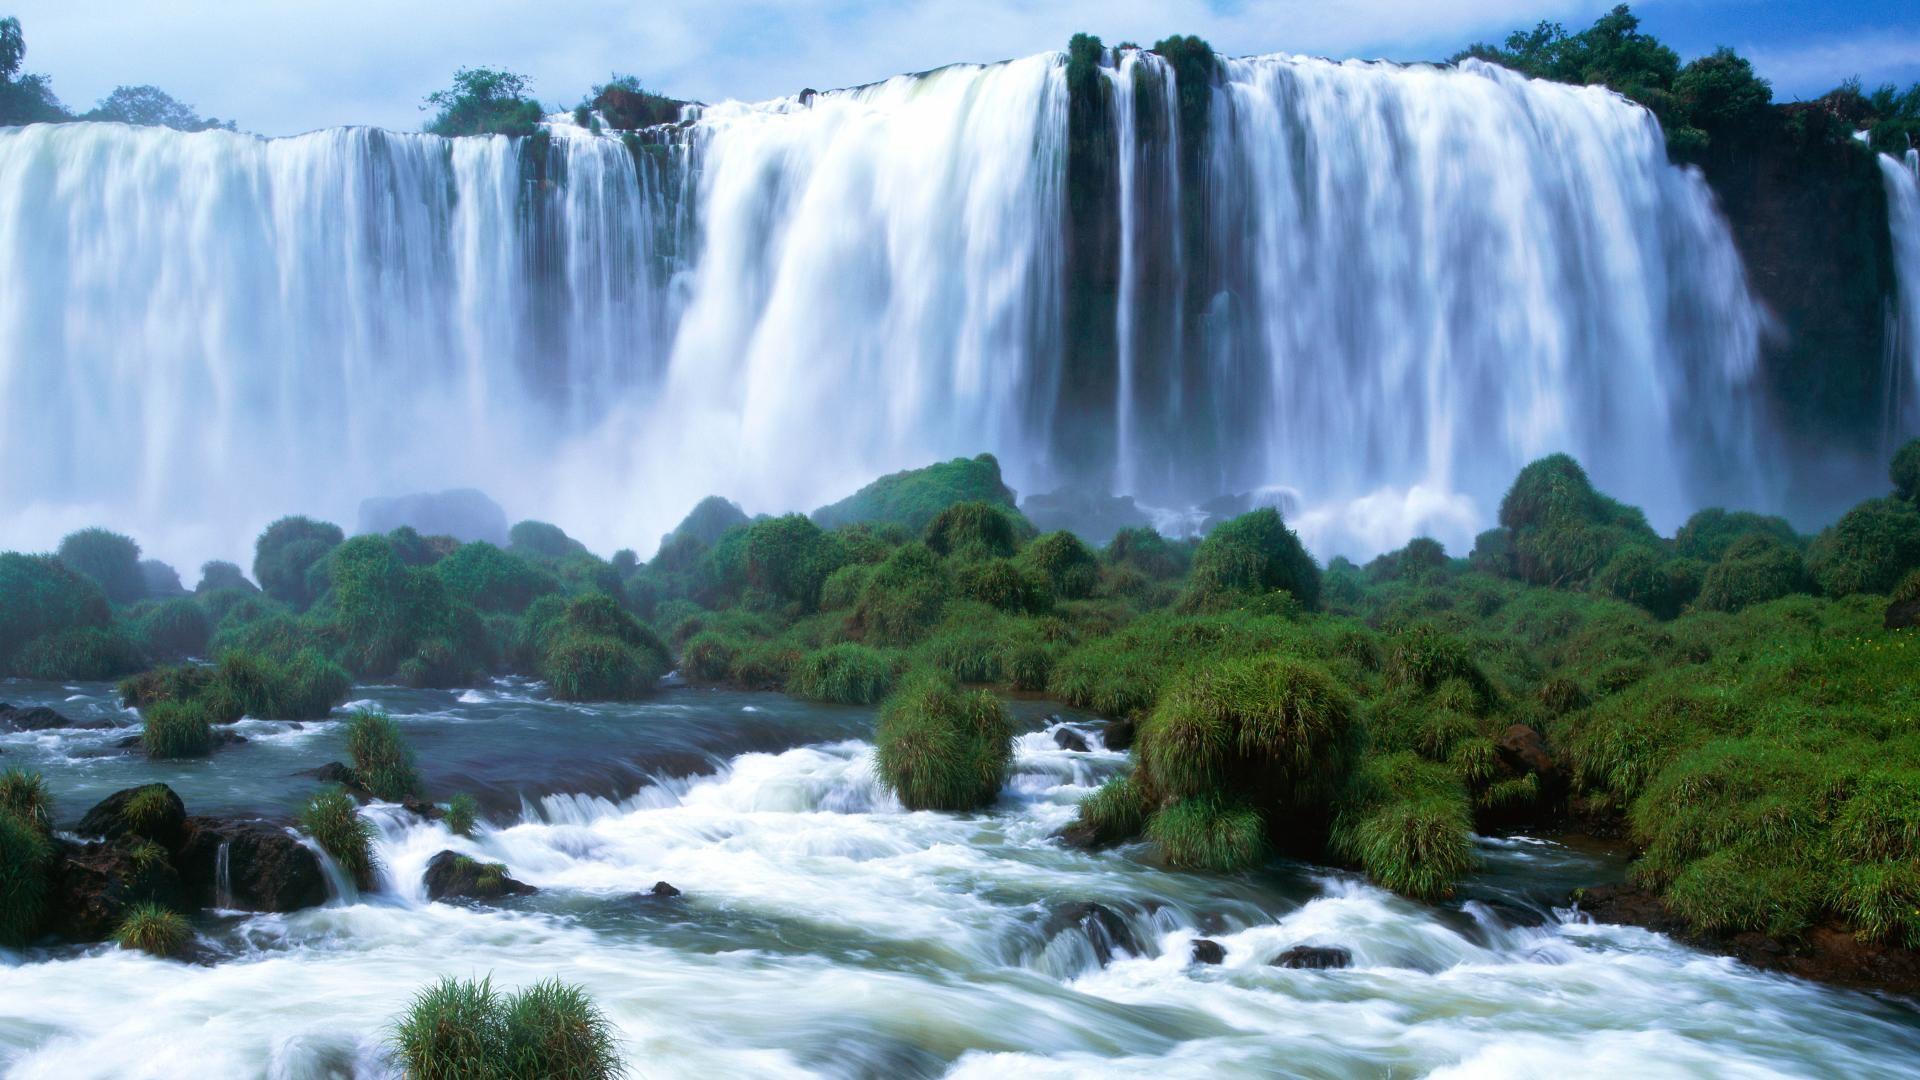 Hình nền phong cảnh thác nước đẹp